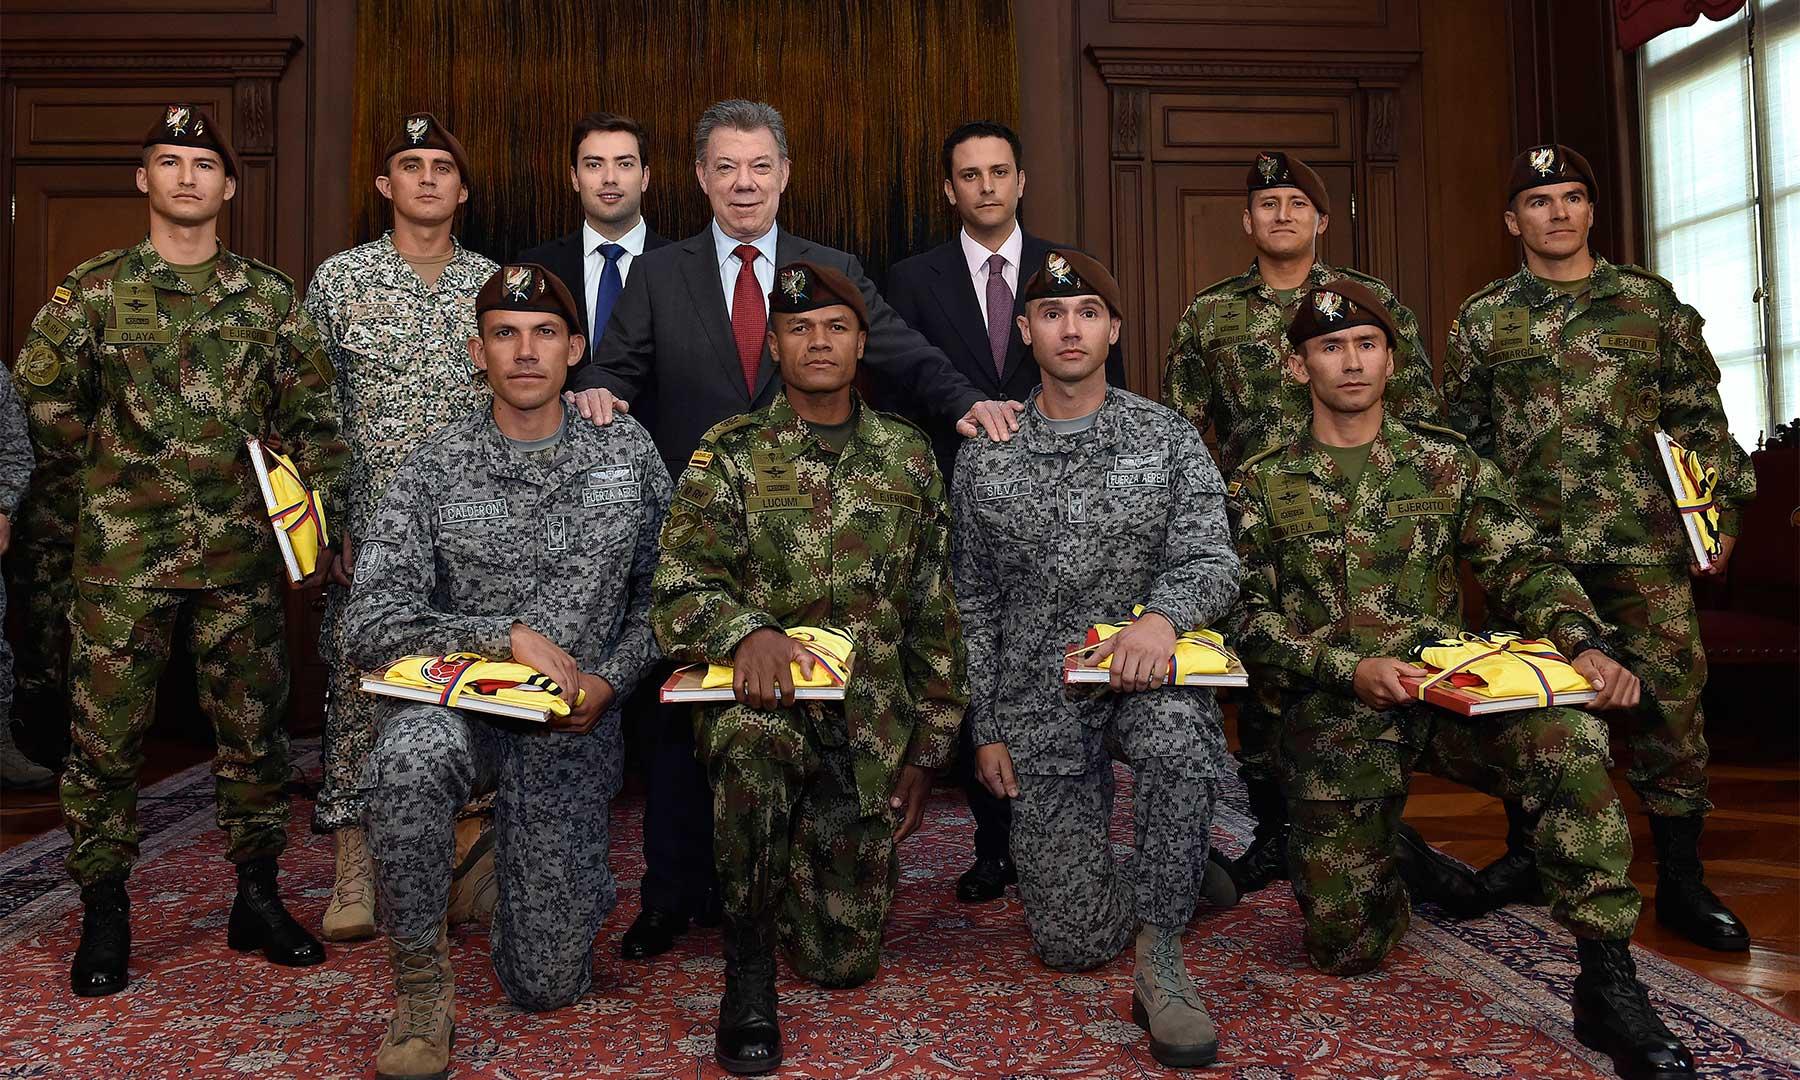 El Presidente Juan Manuel Santos rindió homenaje al equipo de las Fuerzas Militares de Colombia que ganó las competencias de 'Fuerzas Comando 2016', realizadas en Ancón (Perú).